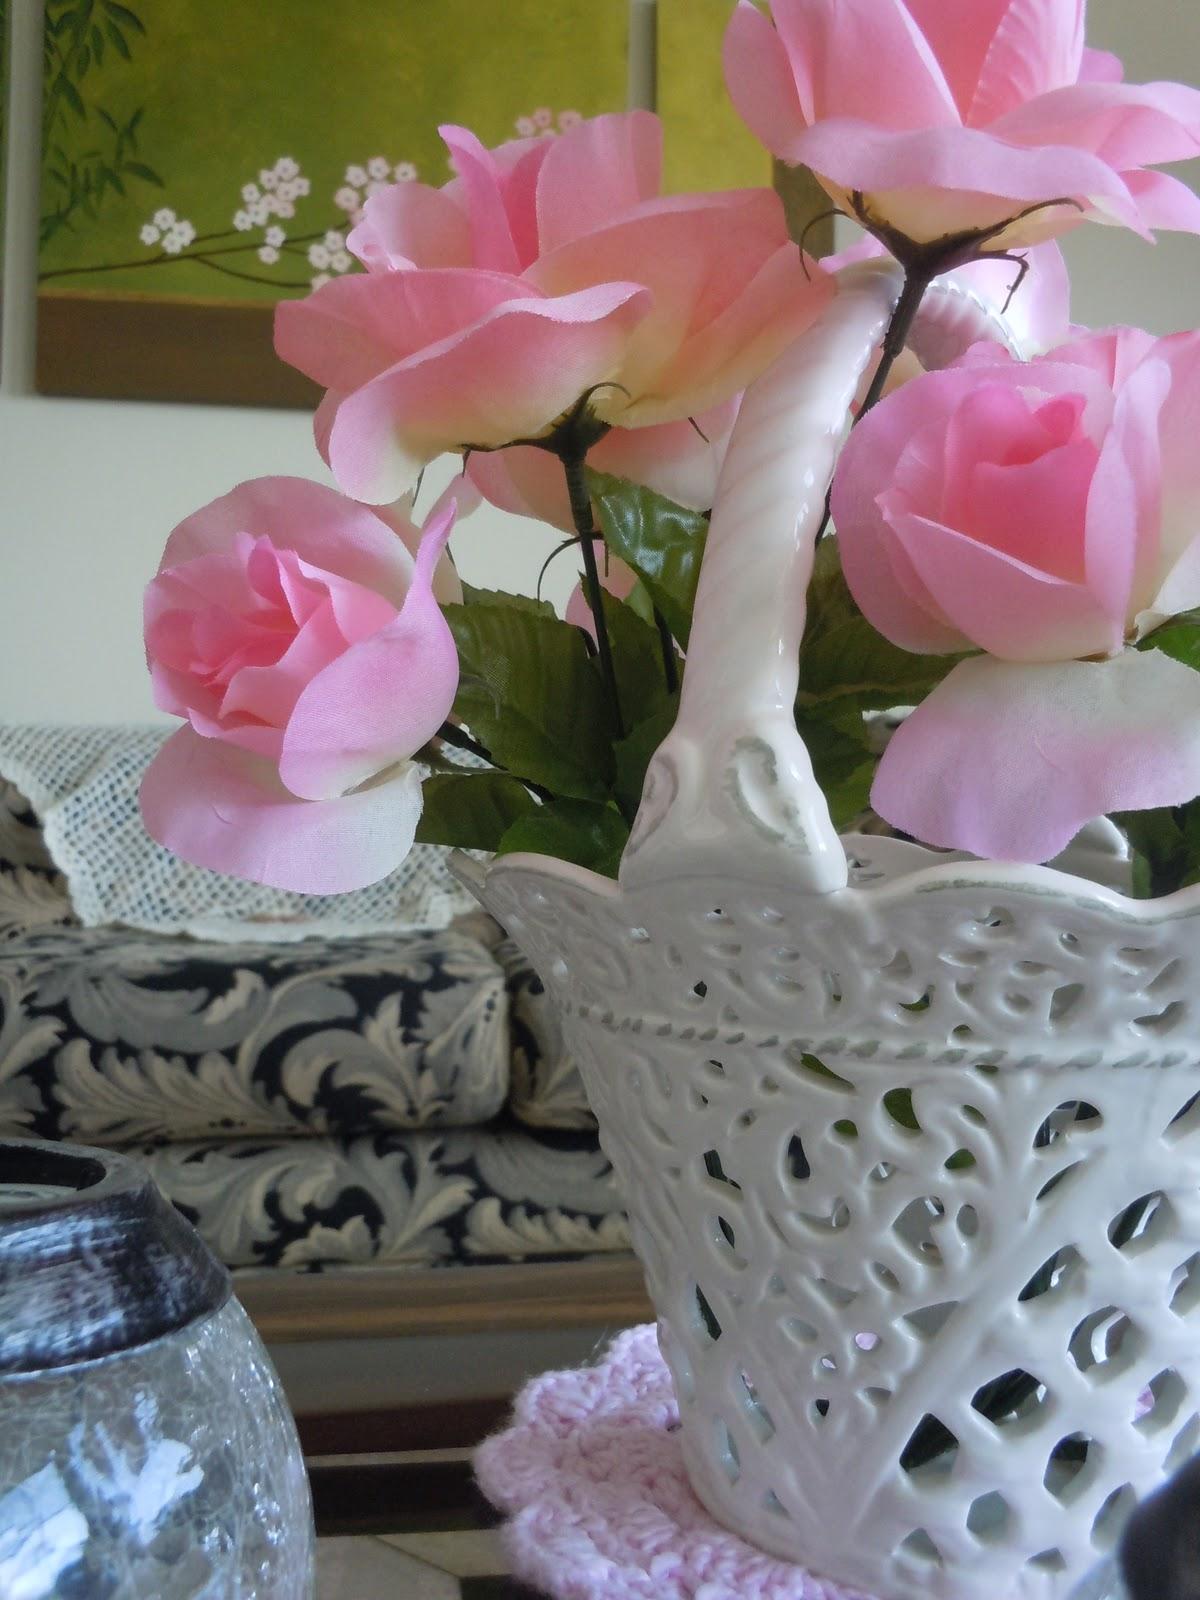 Atelier de charo flores artificiales artificial flowers - Plantas artificiales ...